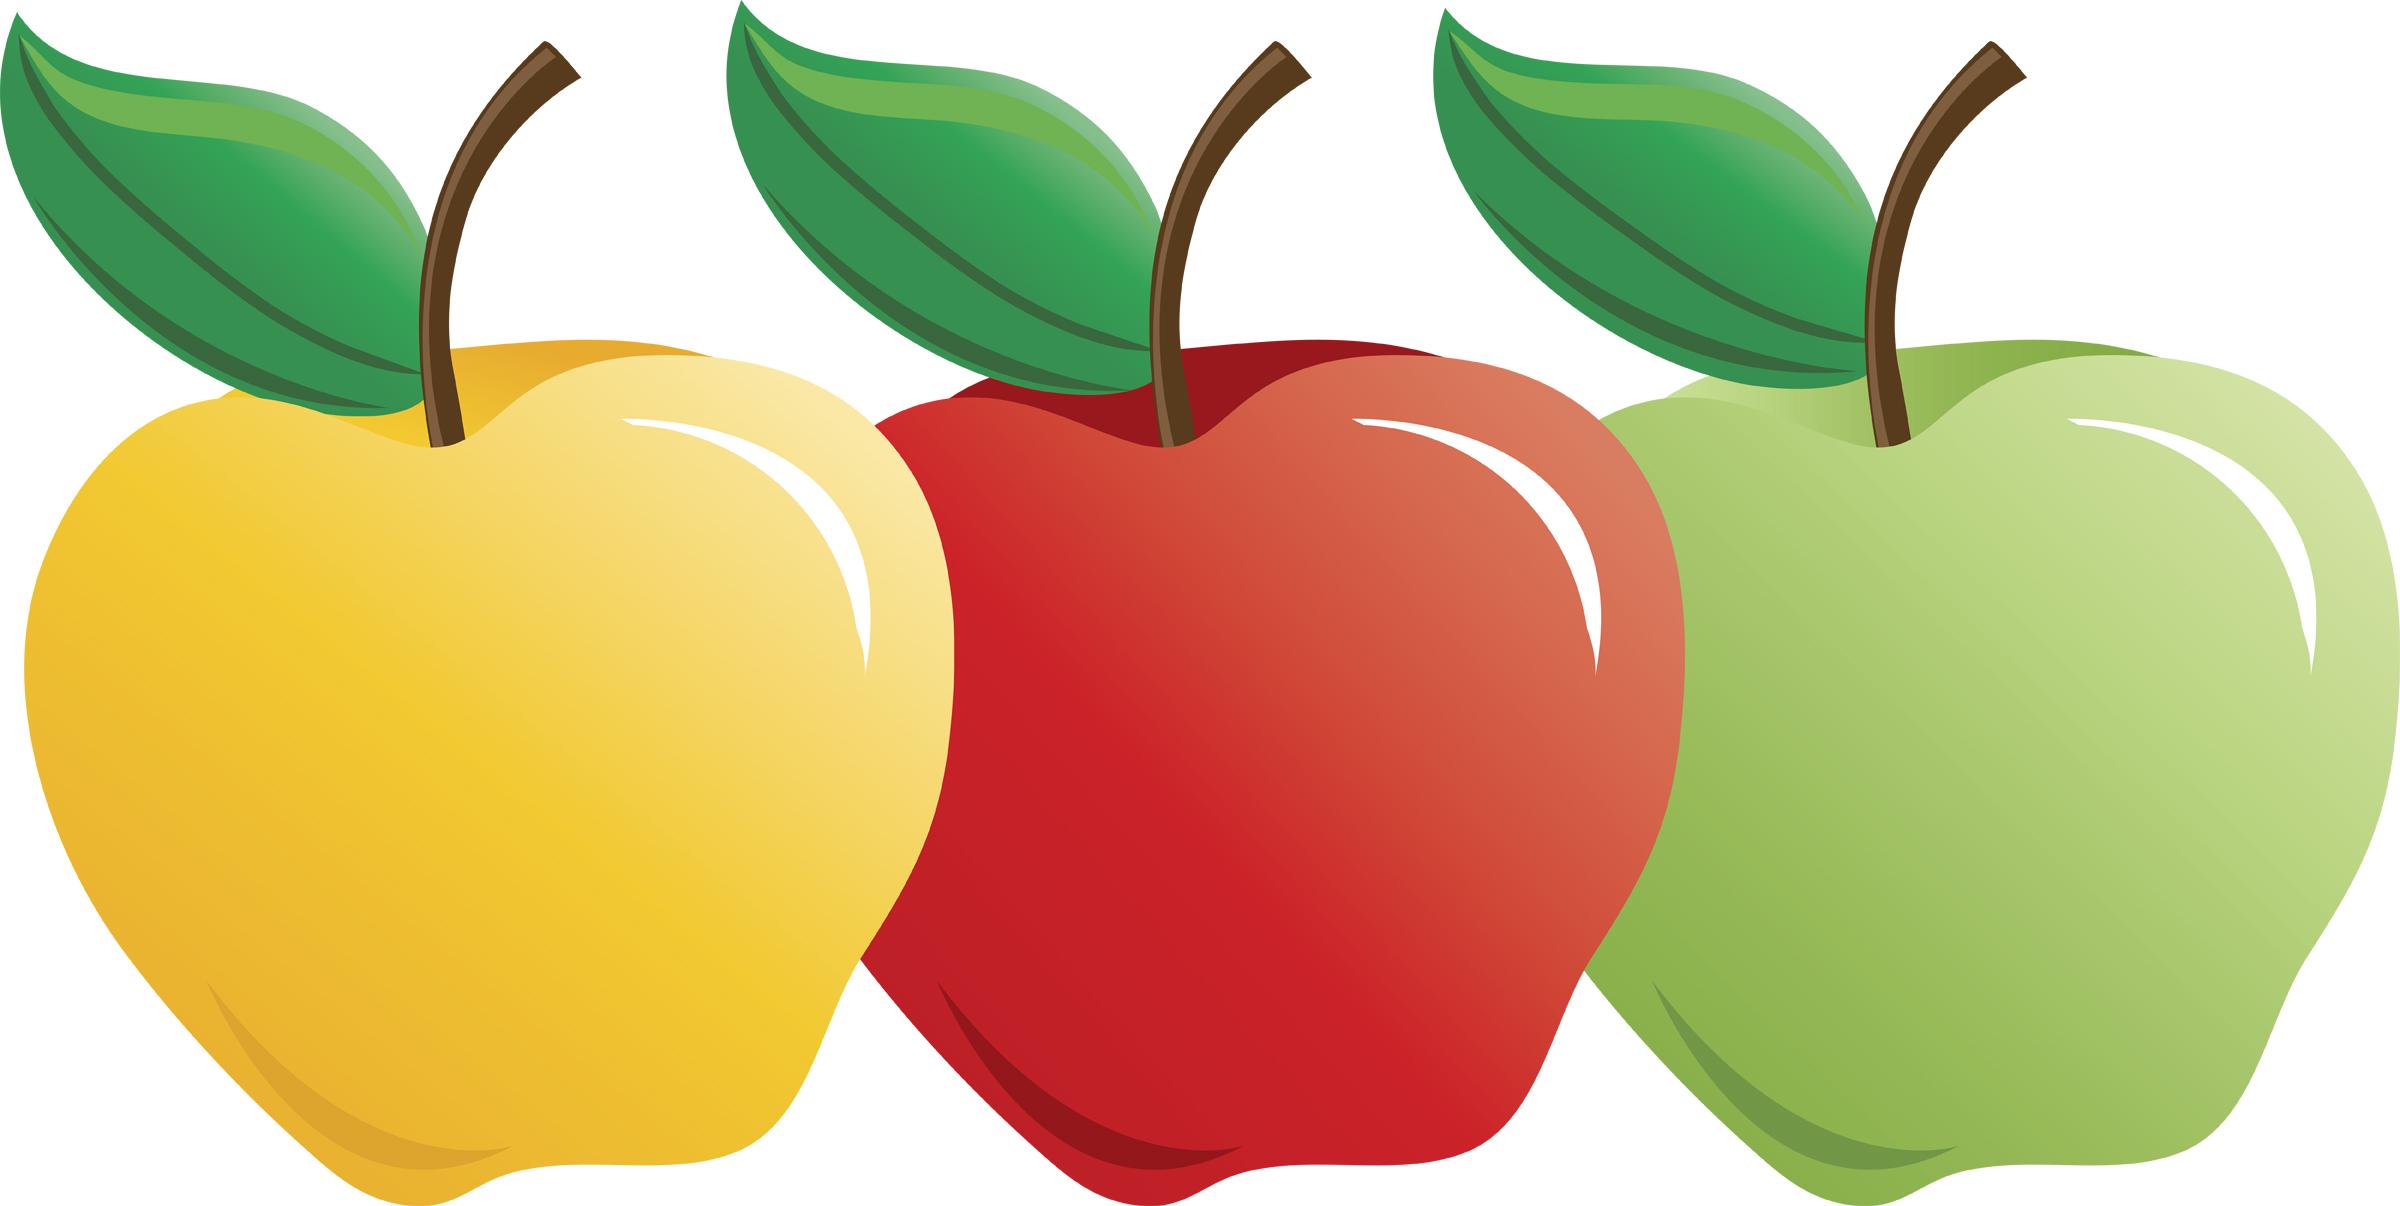 2400x1206 Big Apple Clip Art Big Image Apples